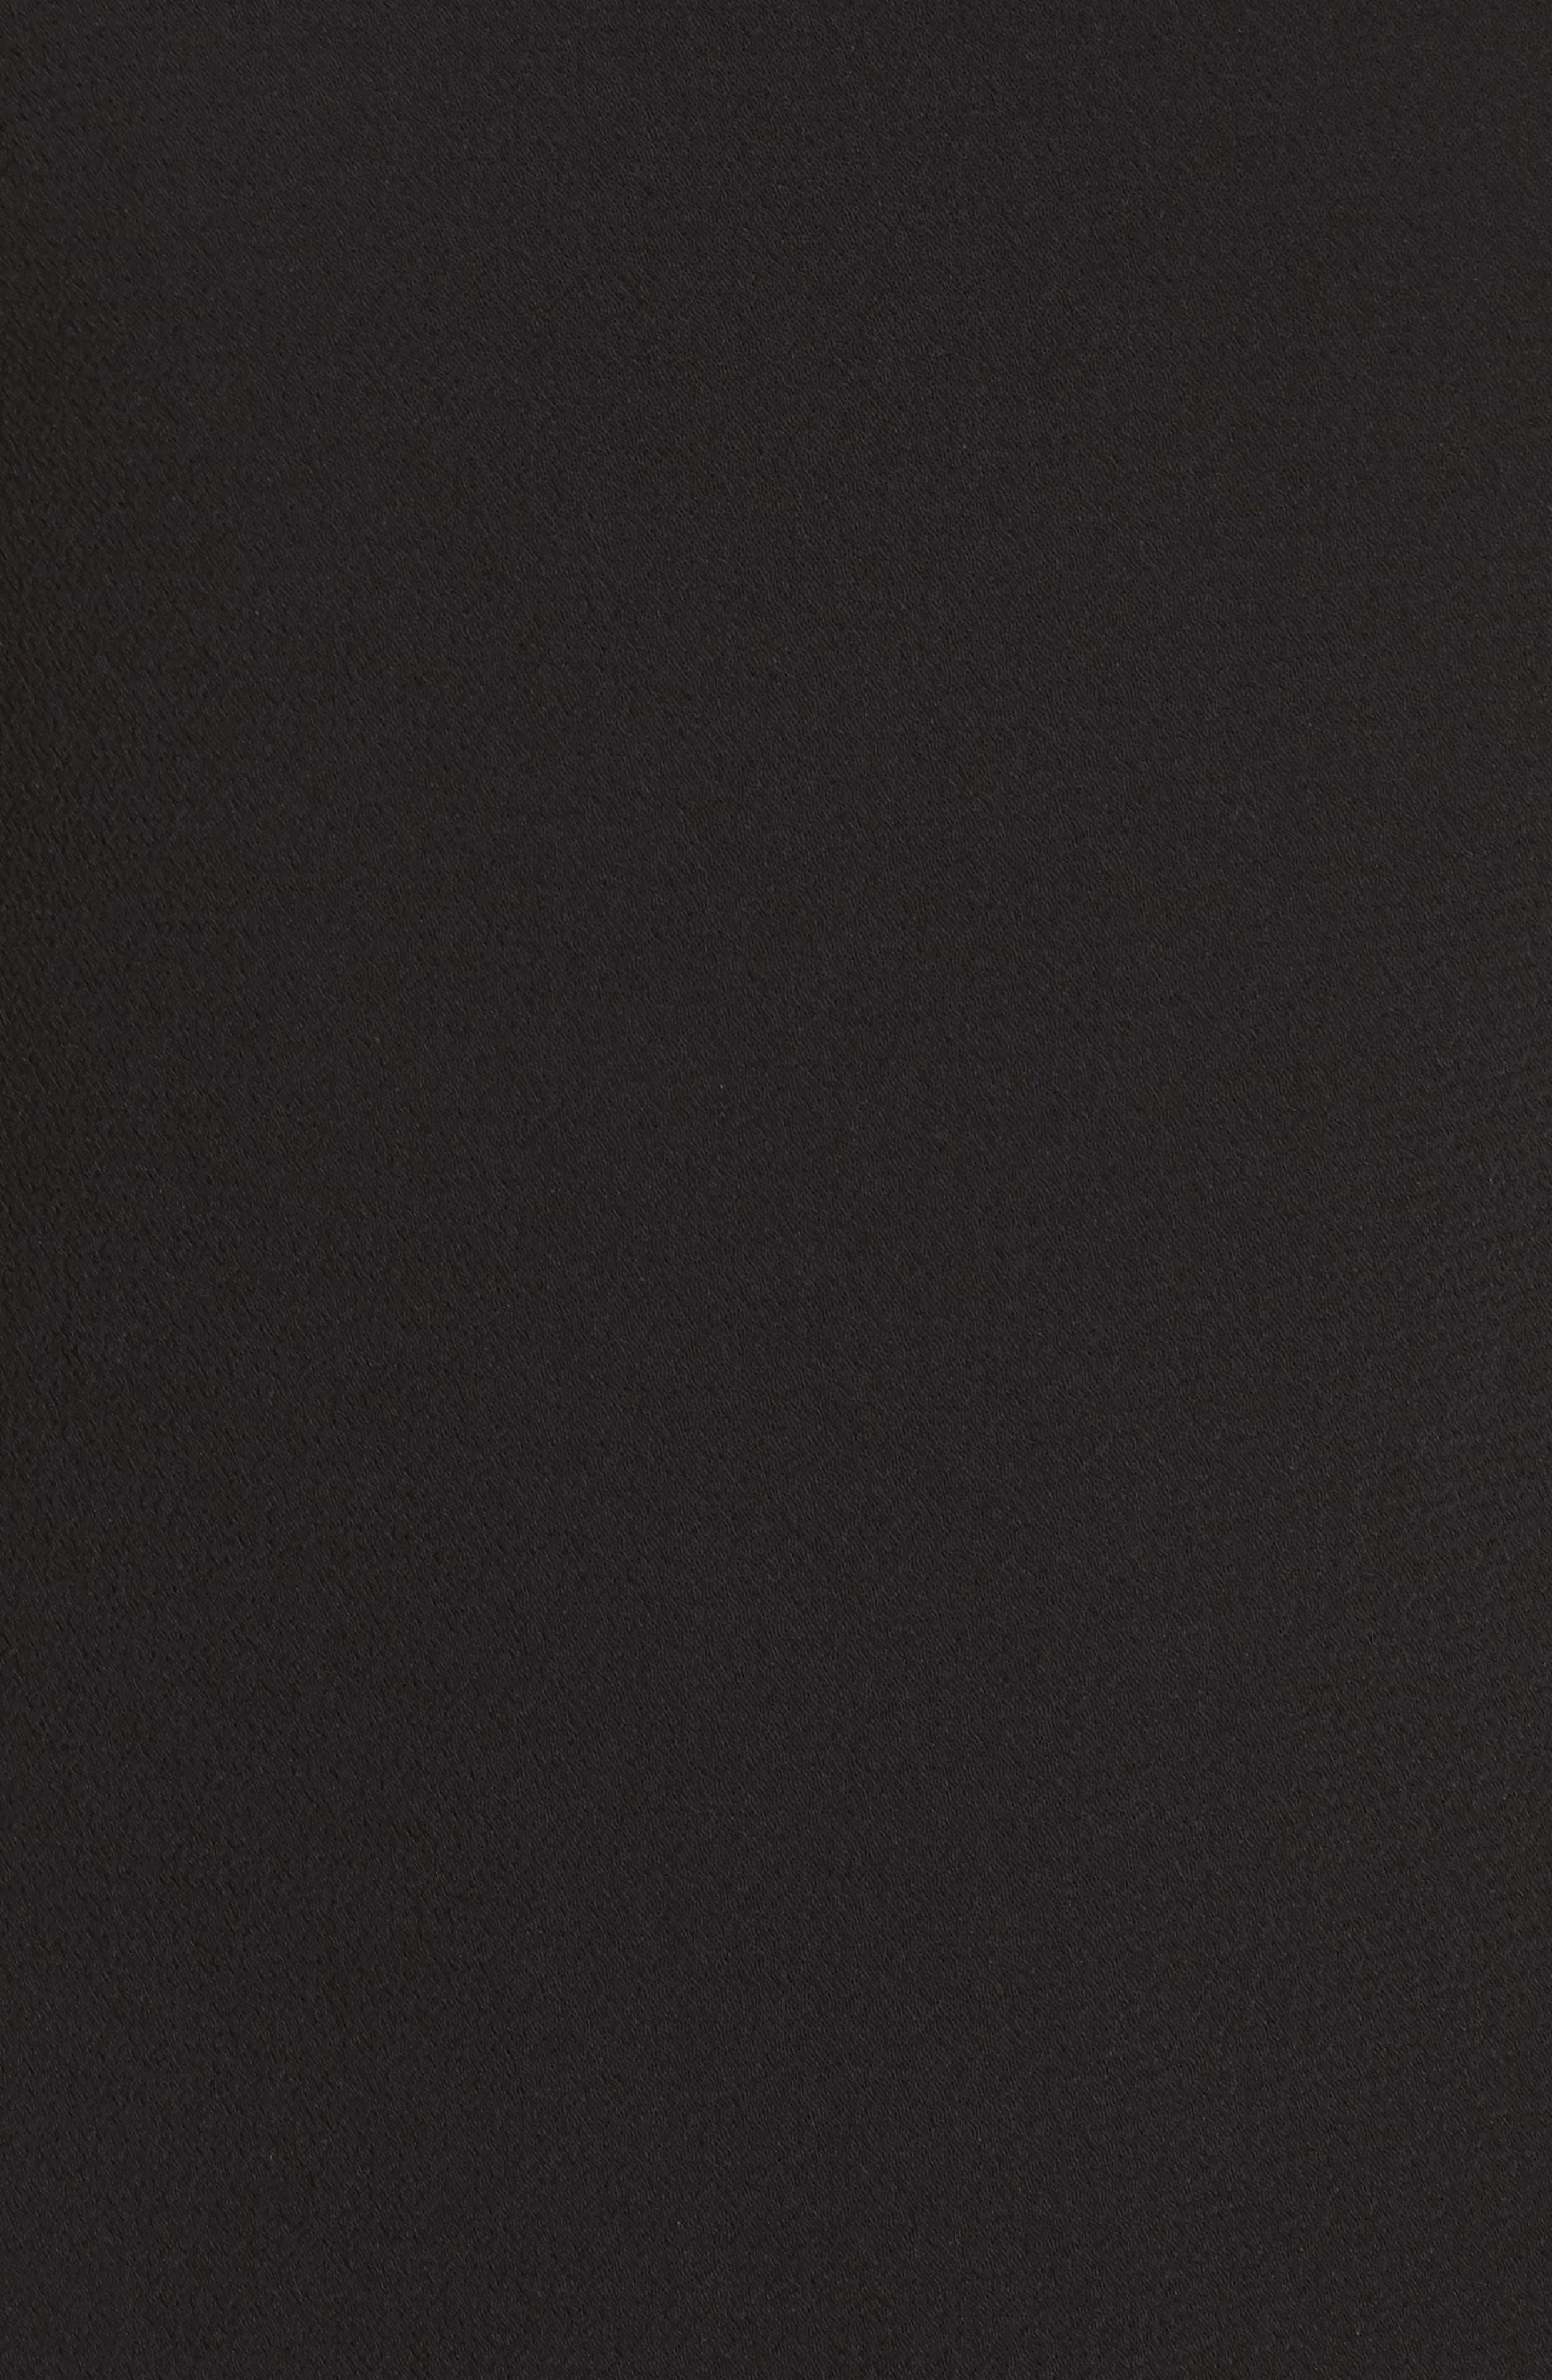 Ruffle Sleeve Shift Dress,                             Alternate thumbnail 5, color,                             001